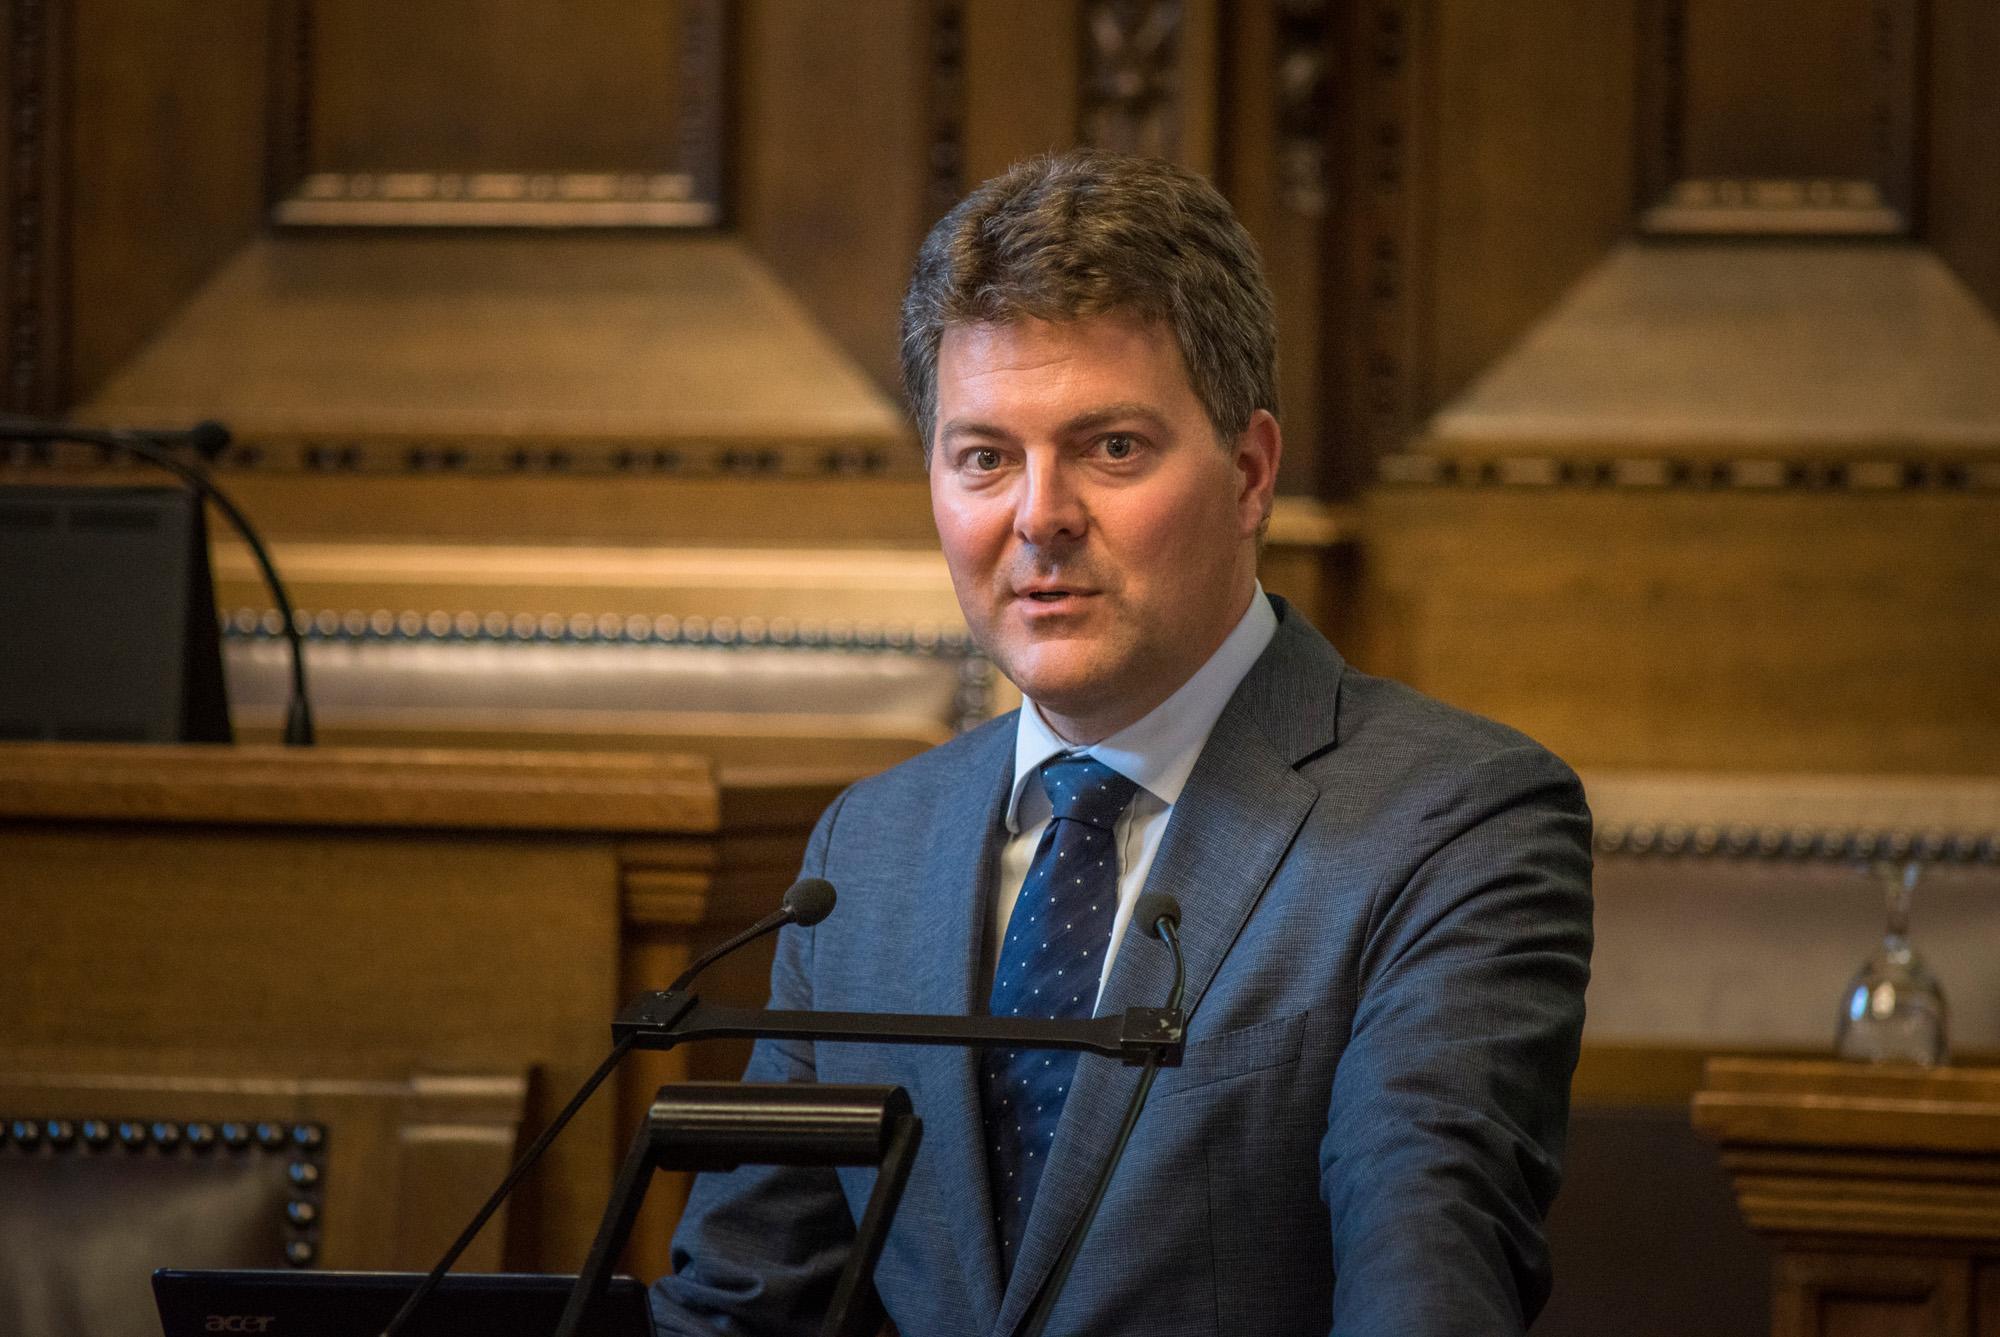 Der Europaabgeordnete Dr. Andreas Schwab (CDU, Baden-Württemberg), Zuständiger für die Beziehungen Schweiz-EU, bei seinem Vortrag.